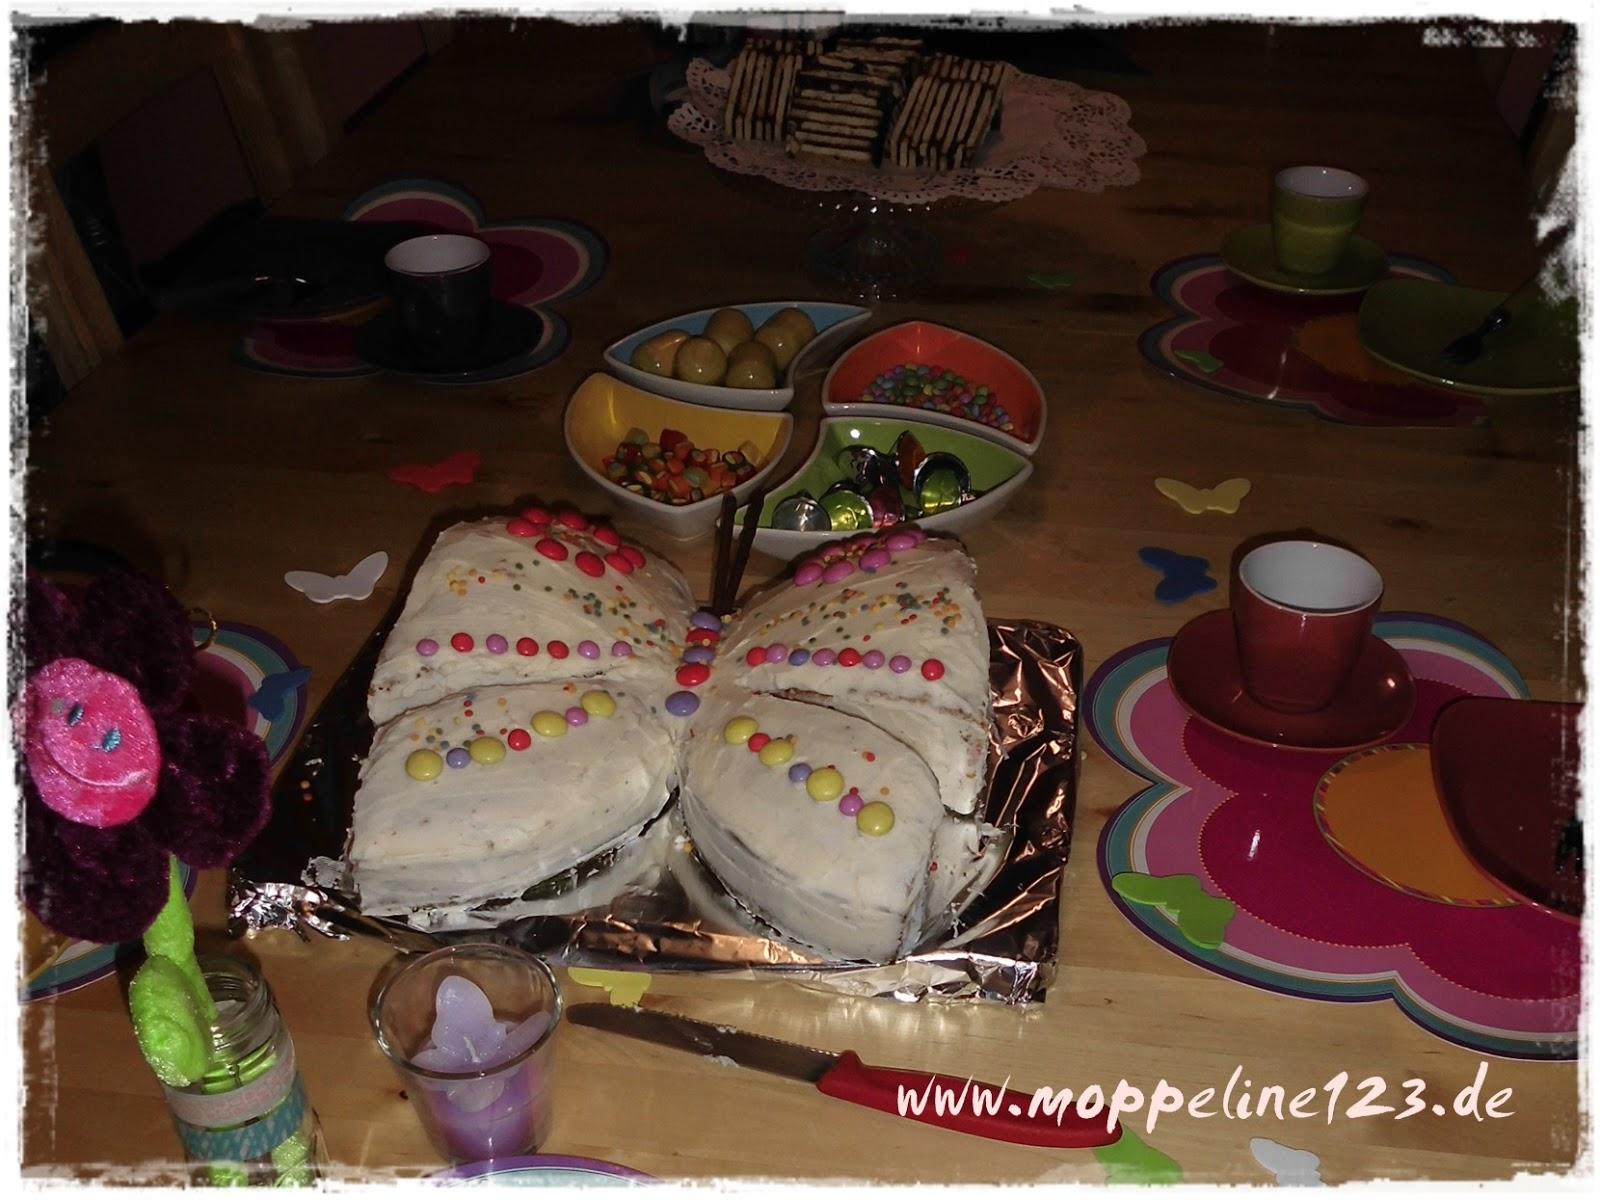 moppeline123: Der Schmetterlings- Geburtstagskuchen